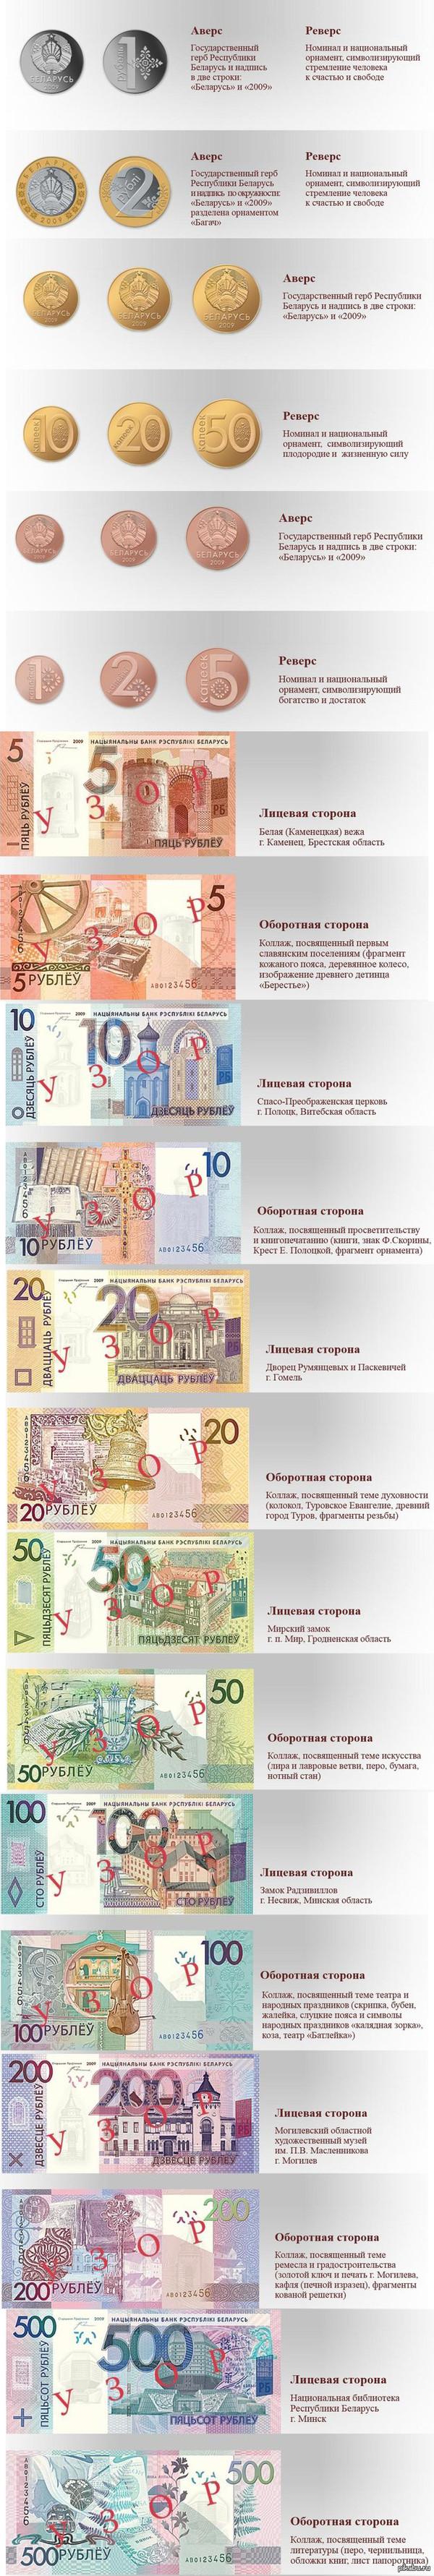 В Беларуси проведут деноминацию с 1 июля 2016 года в Беларуси будет деноминирована валюта на целых 10 000. И впервые будут монеты